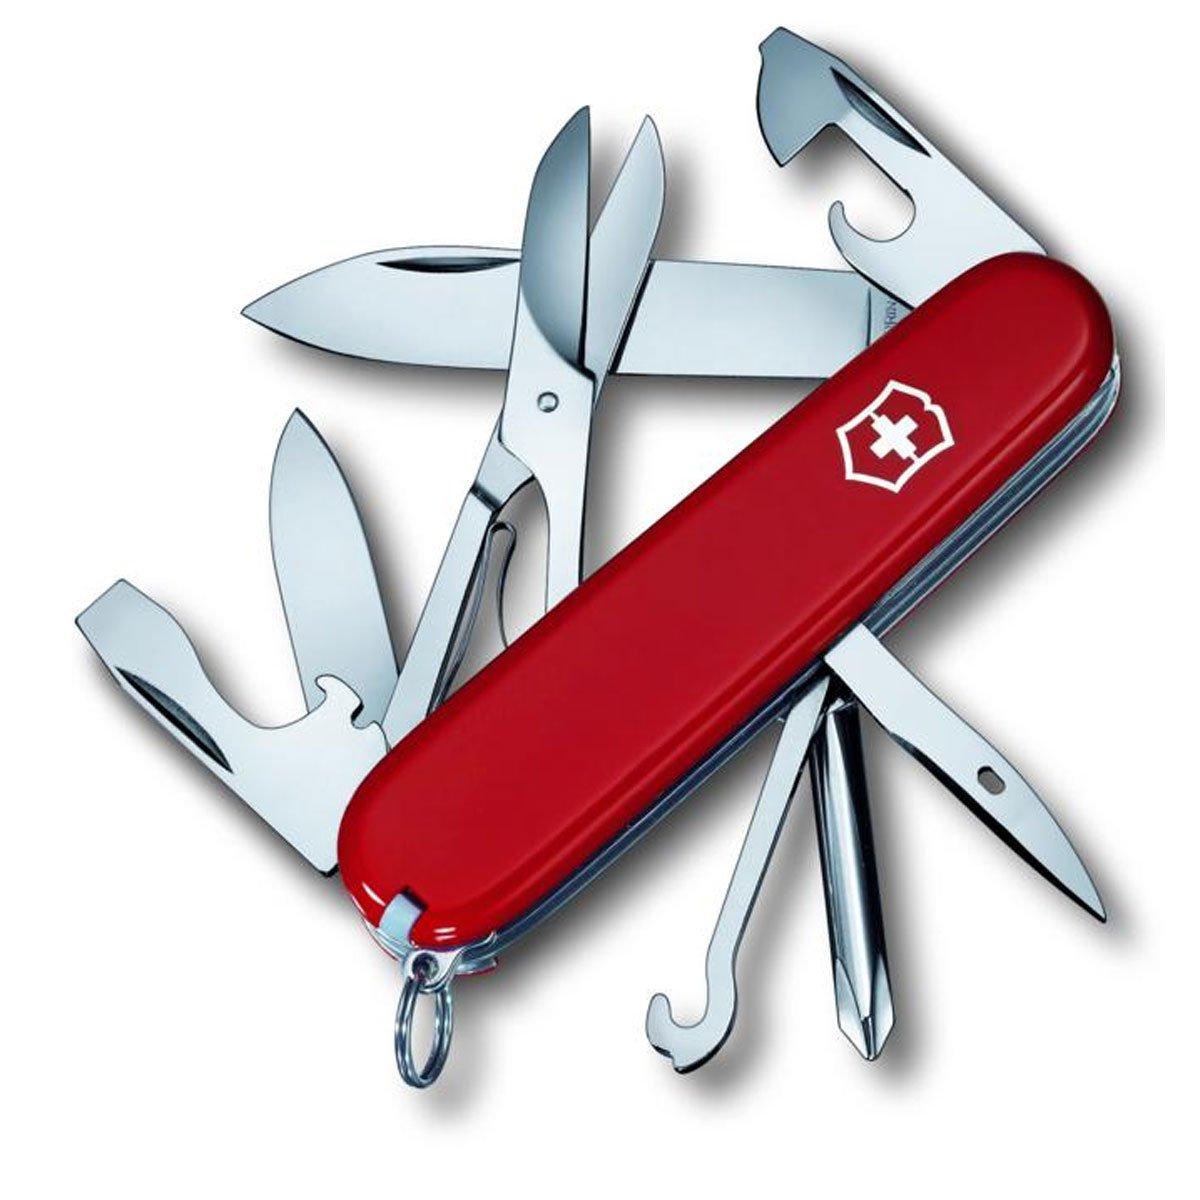 Swiss Army Knife Clip Art Victorinox super tinker swiss